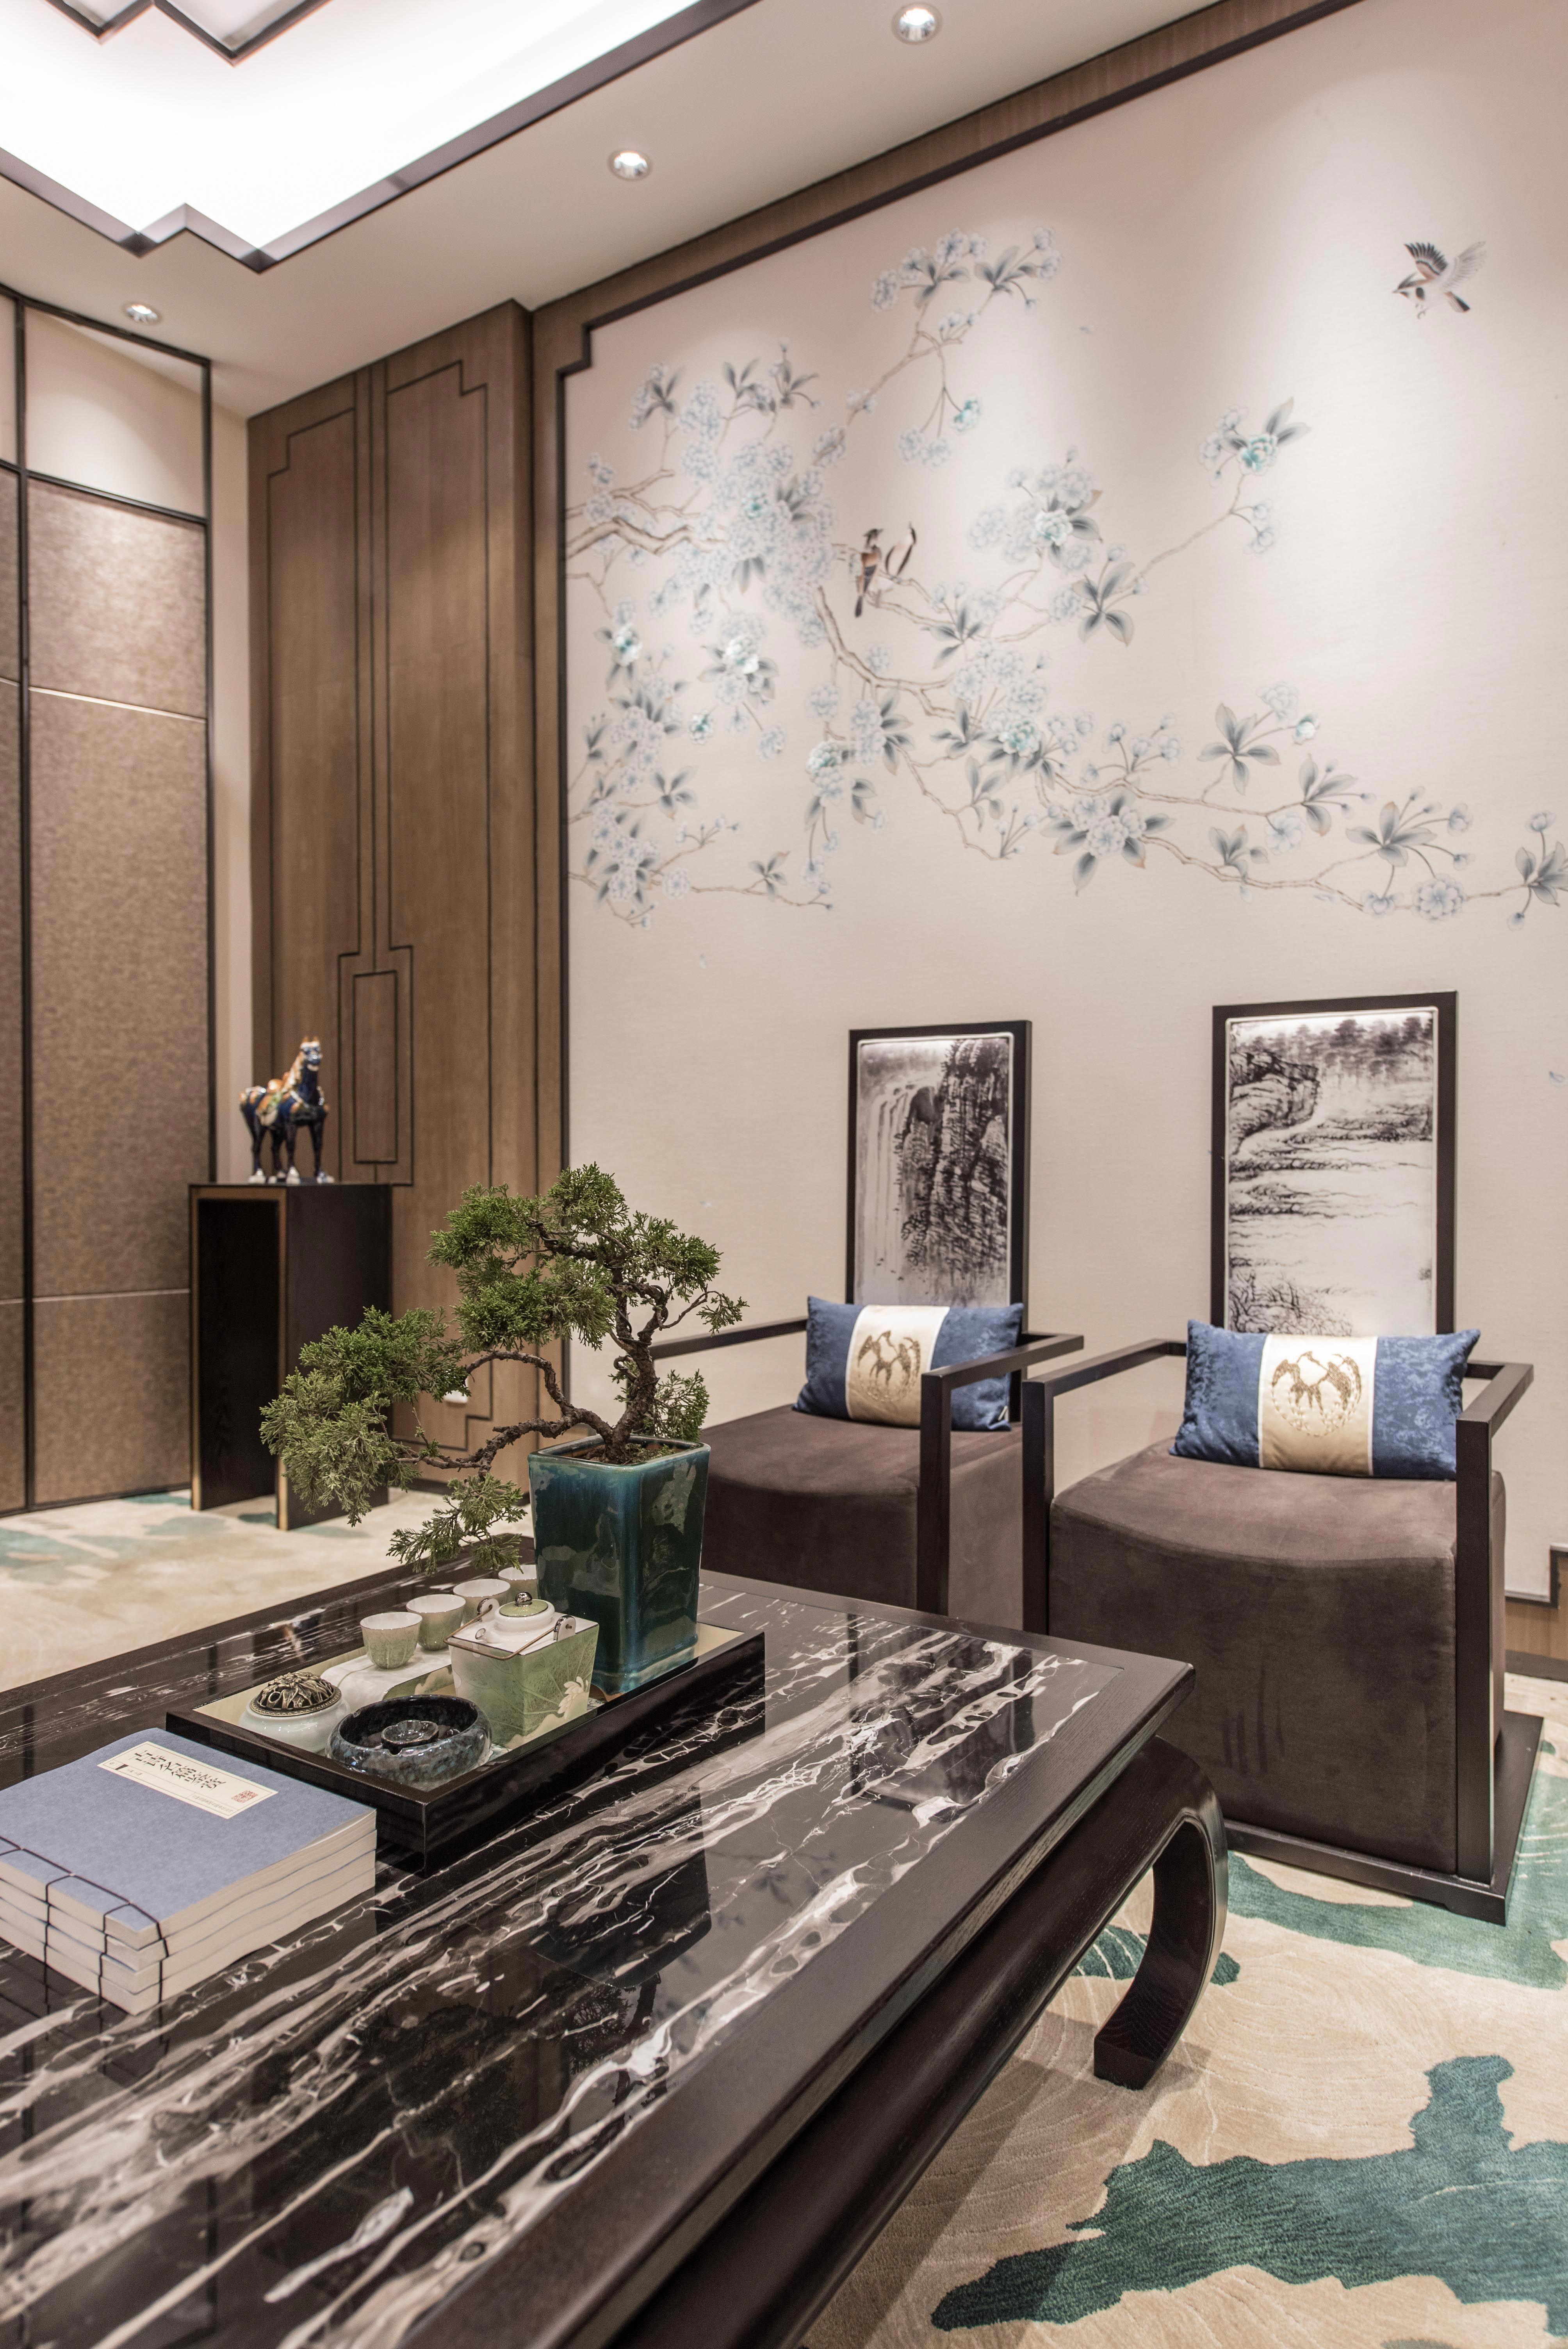 Asian Home Decor Examples B680287a82e25627991b45b5da0cc38f Simply